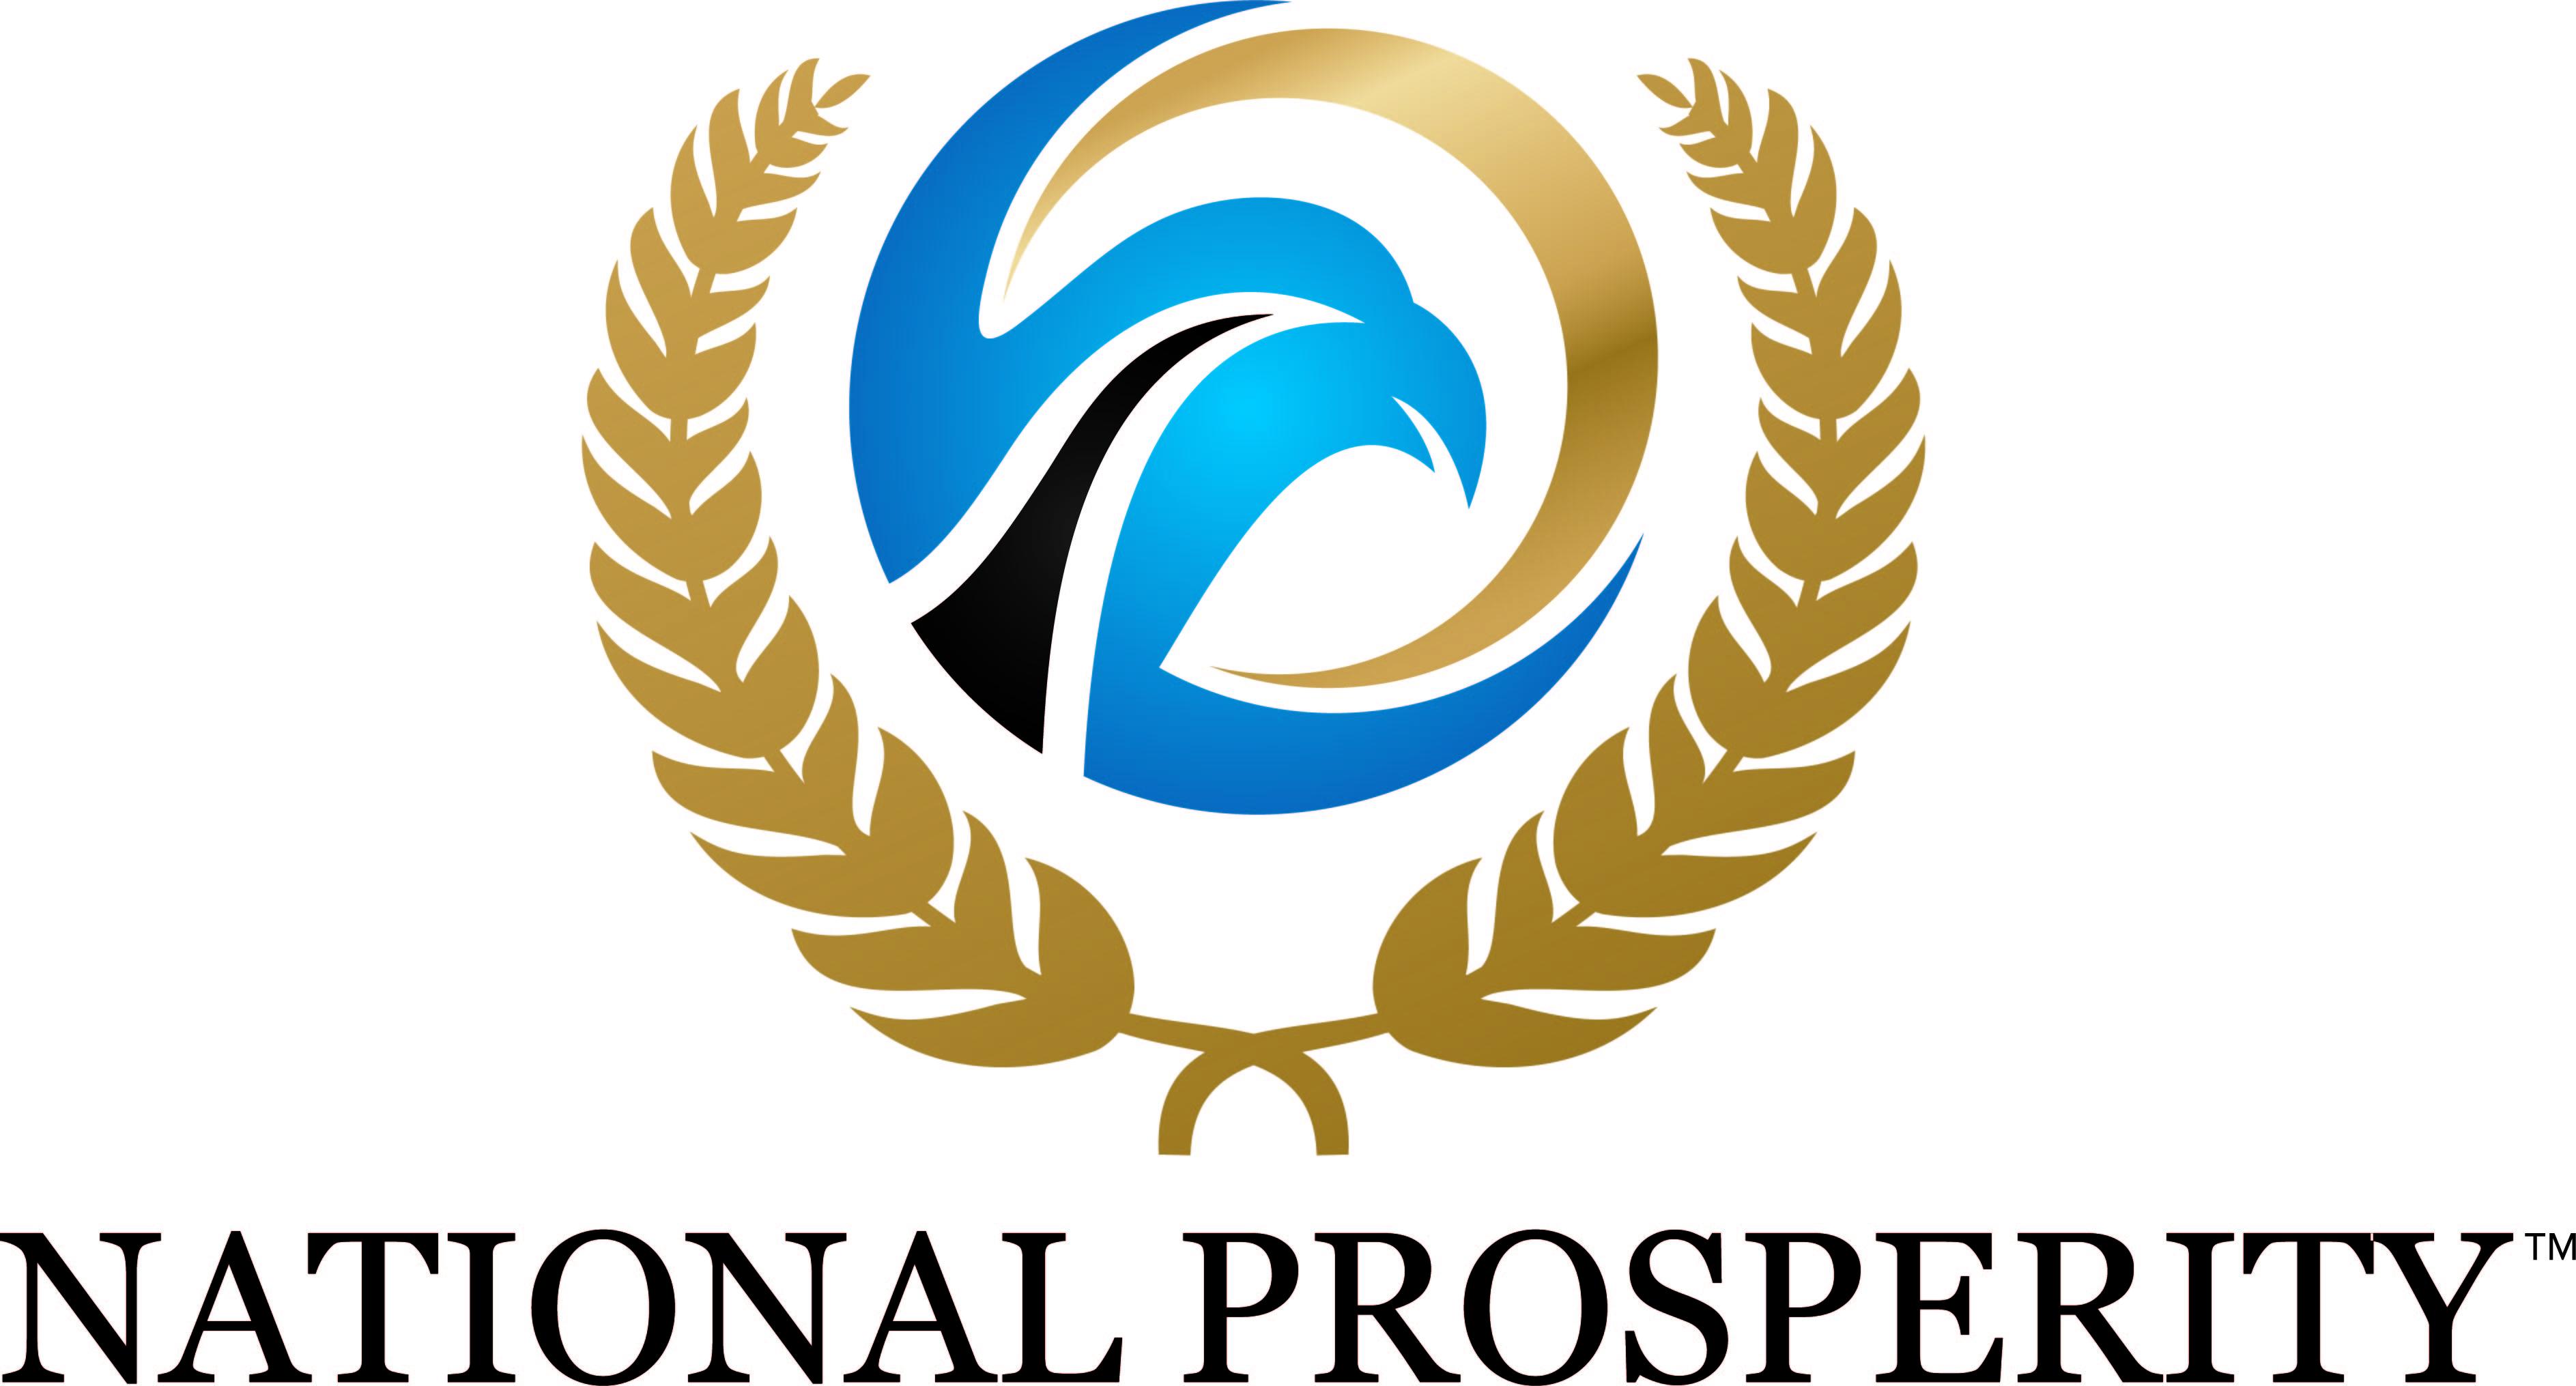 National Prosperity Only Logo vertical.jpg